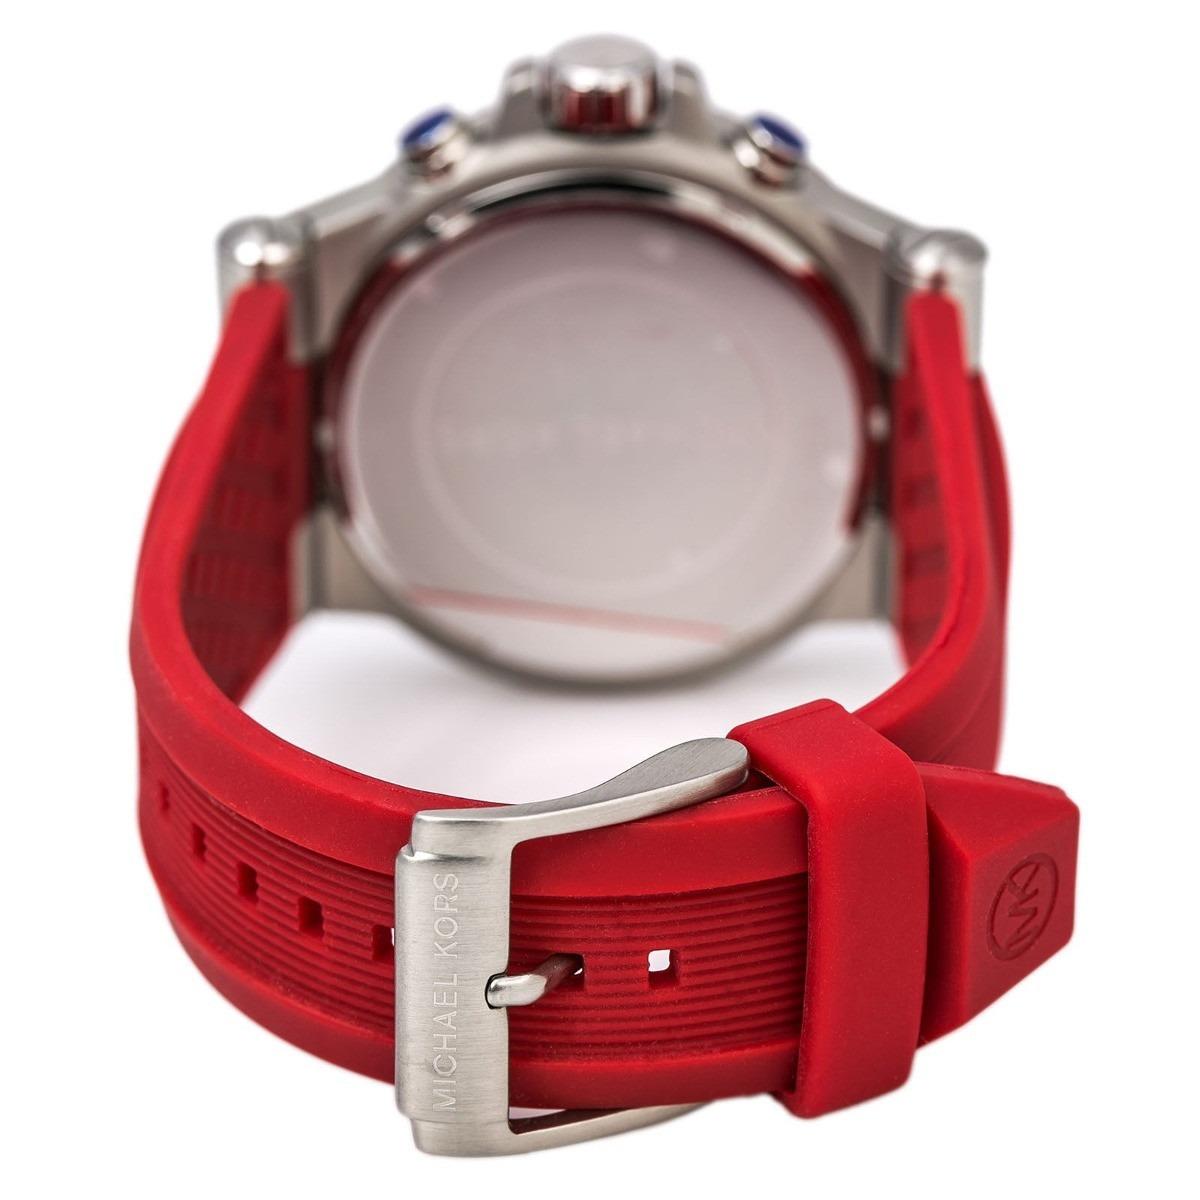 1cf52a5be8b relógio michael kors mk8169 vermelho novo bx00555. Carregando zoom.